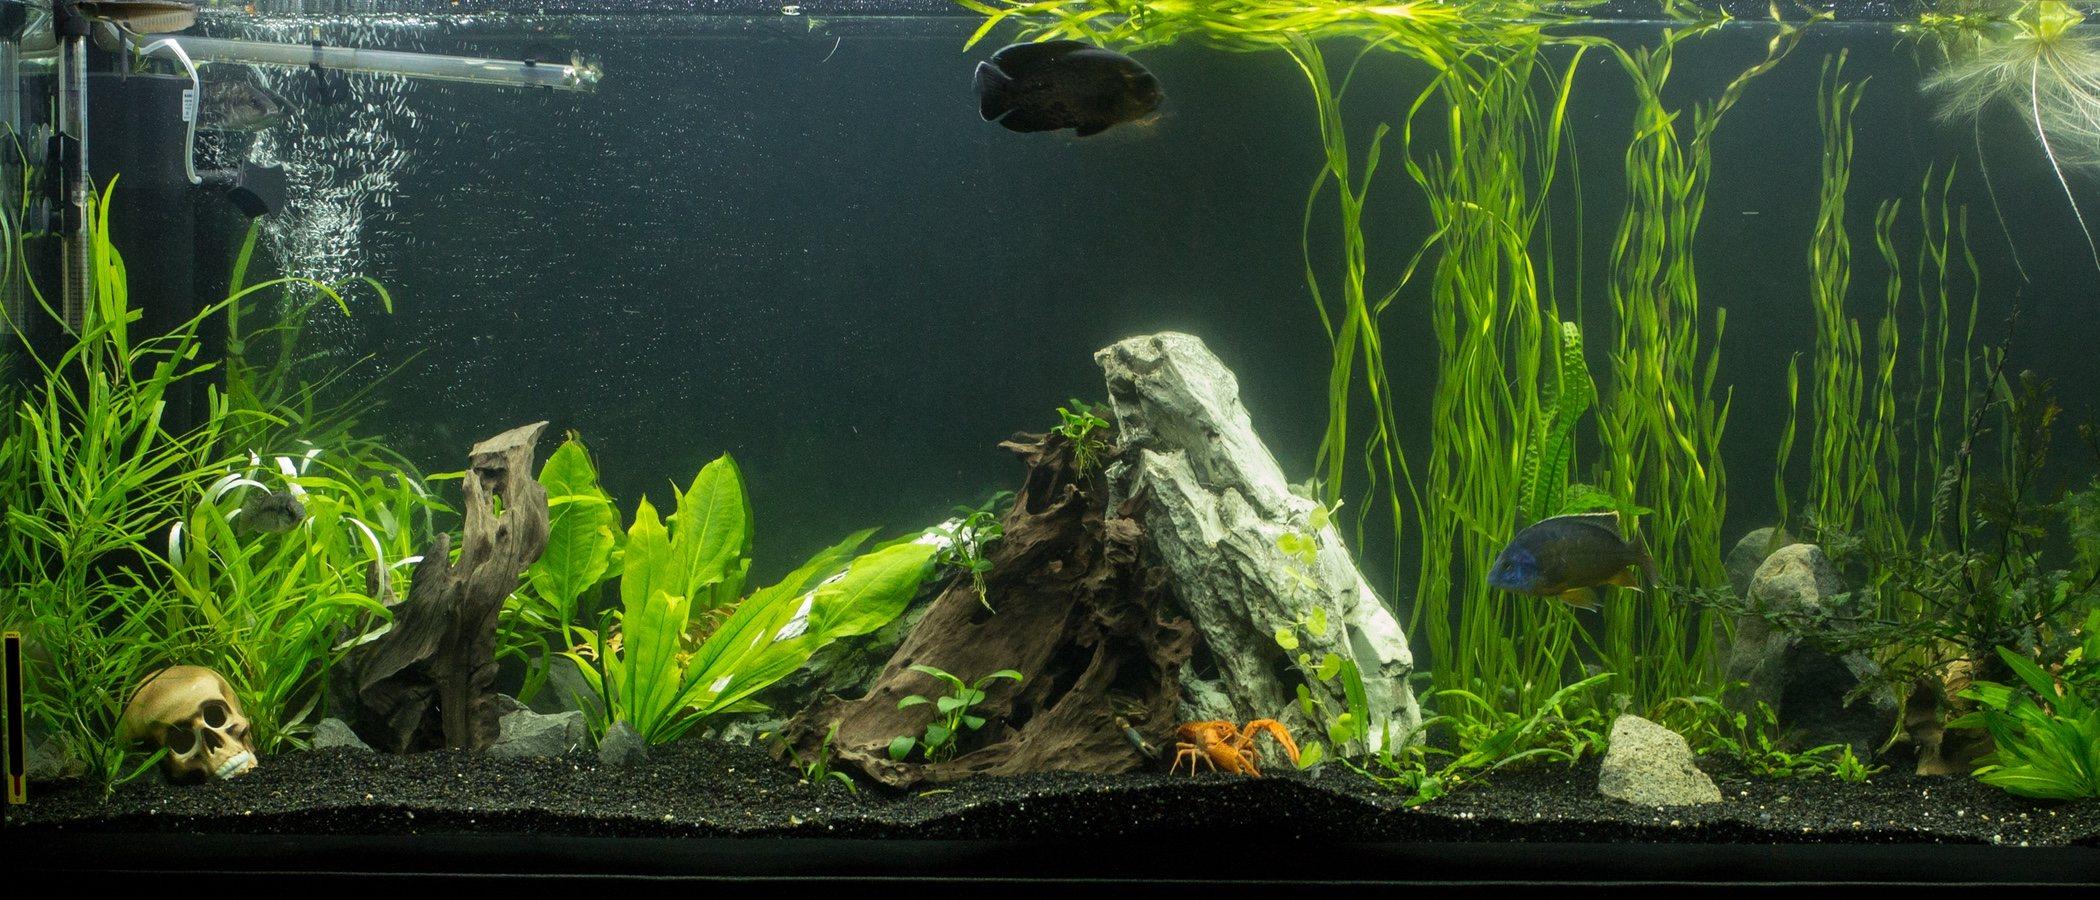 Cómo cambiar el agua del acuario: consejos